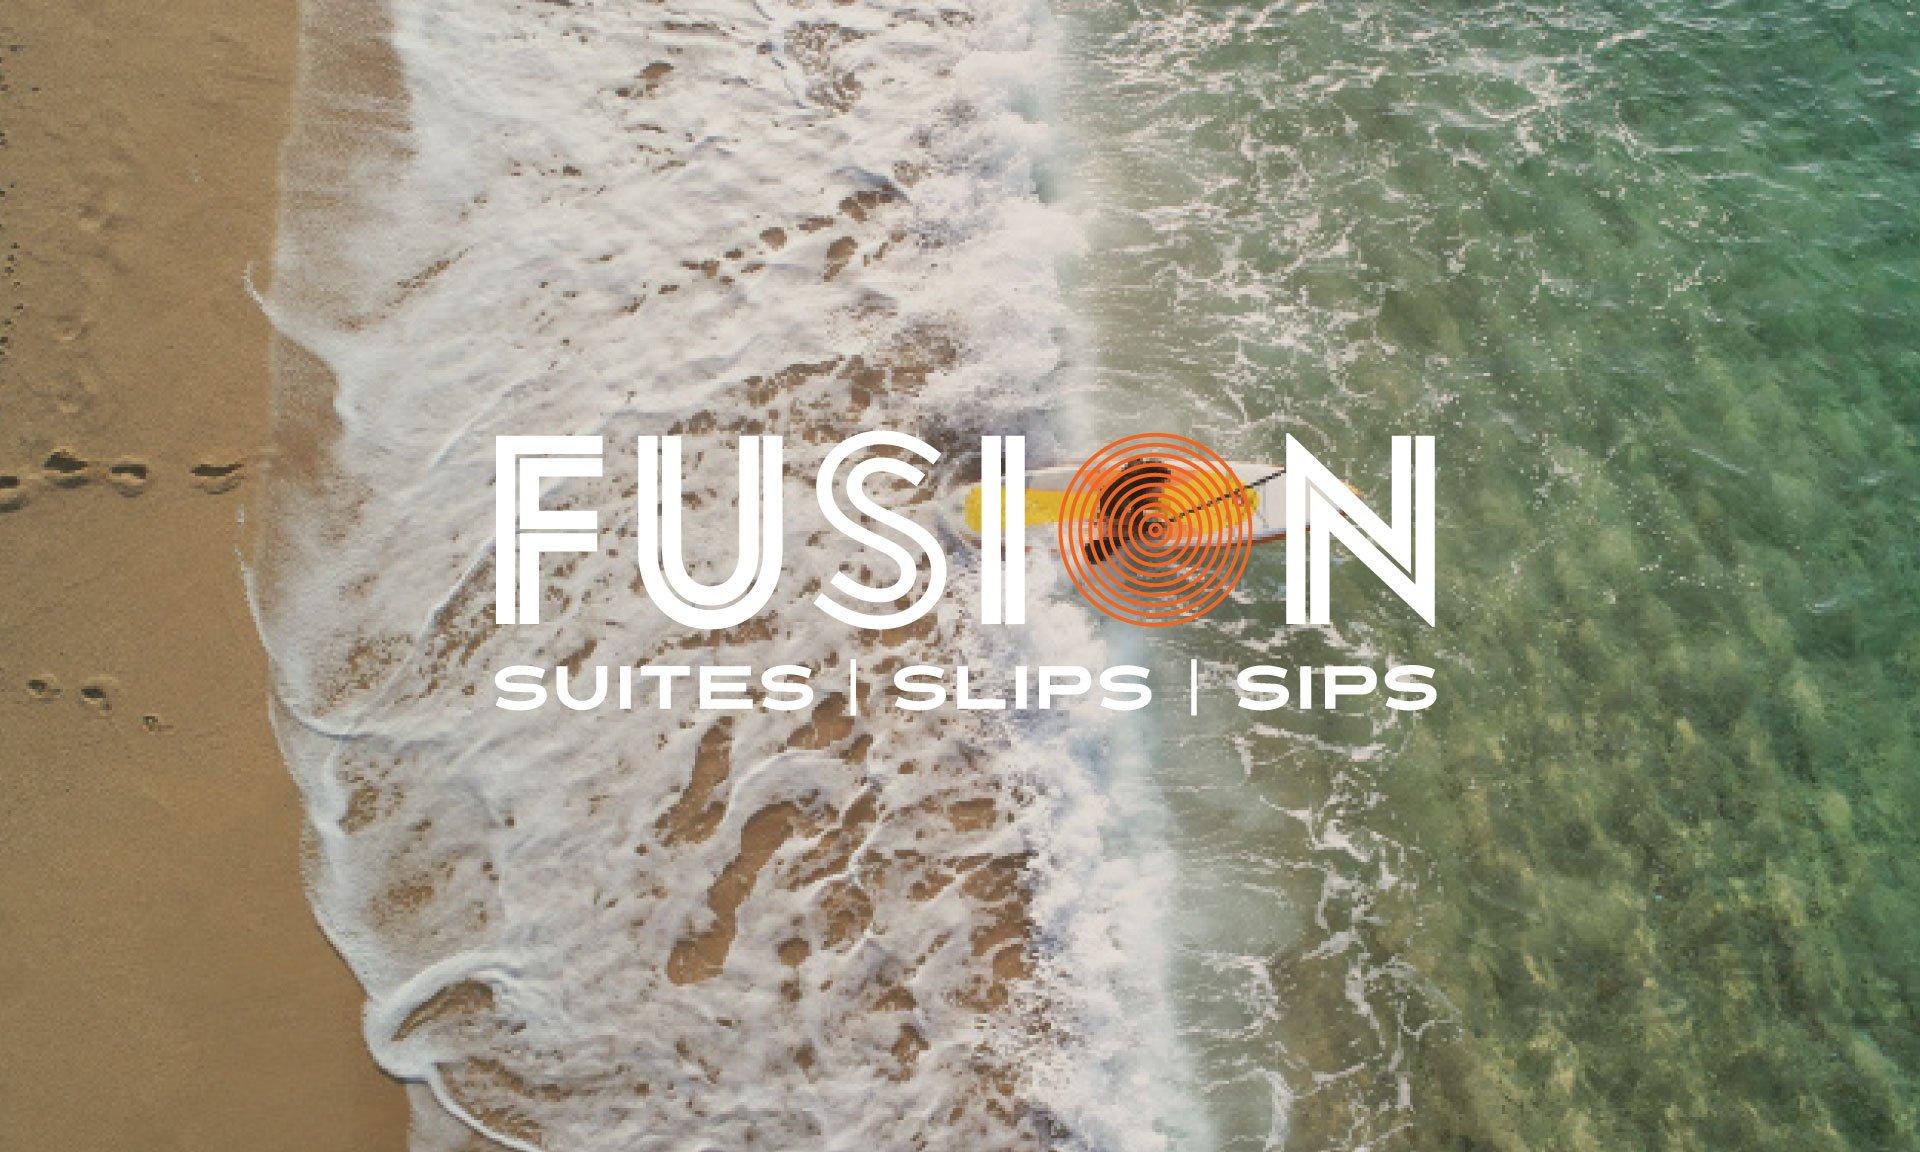 FUSION Resort Suites